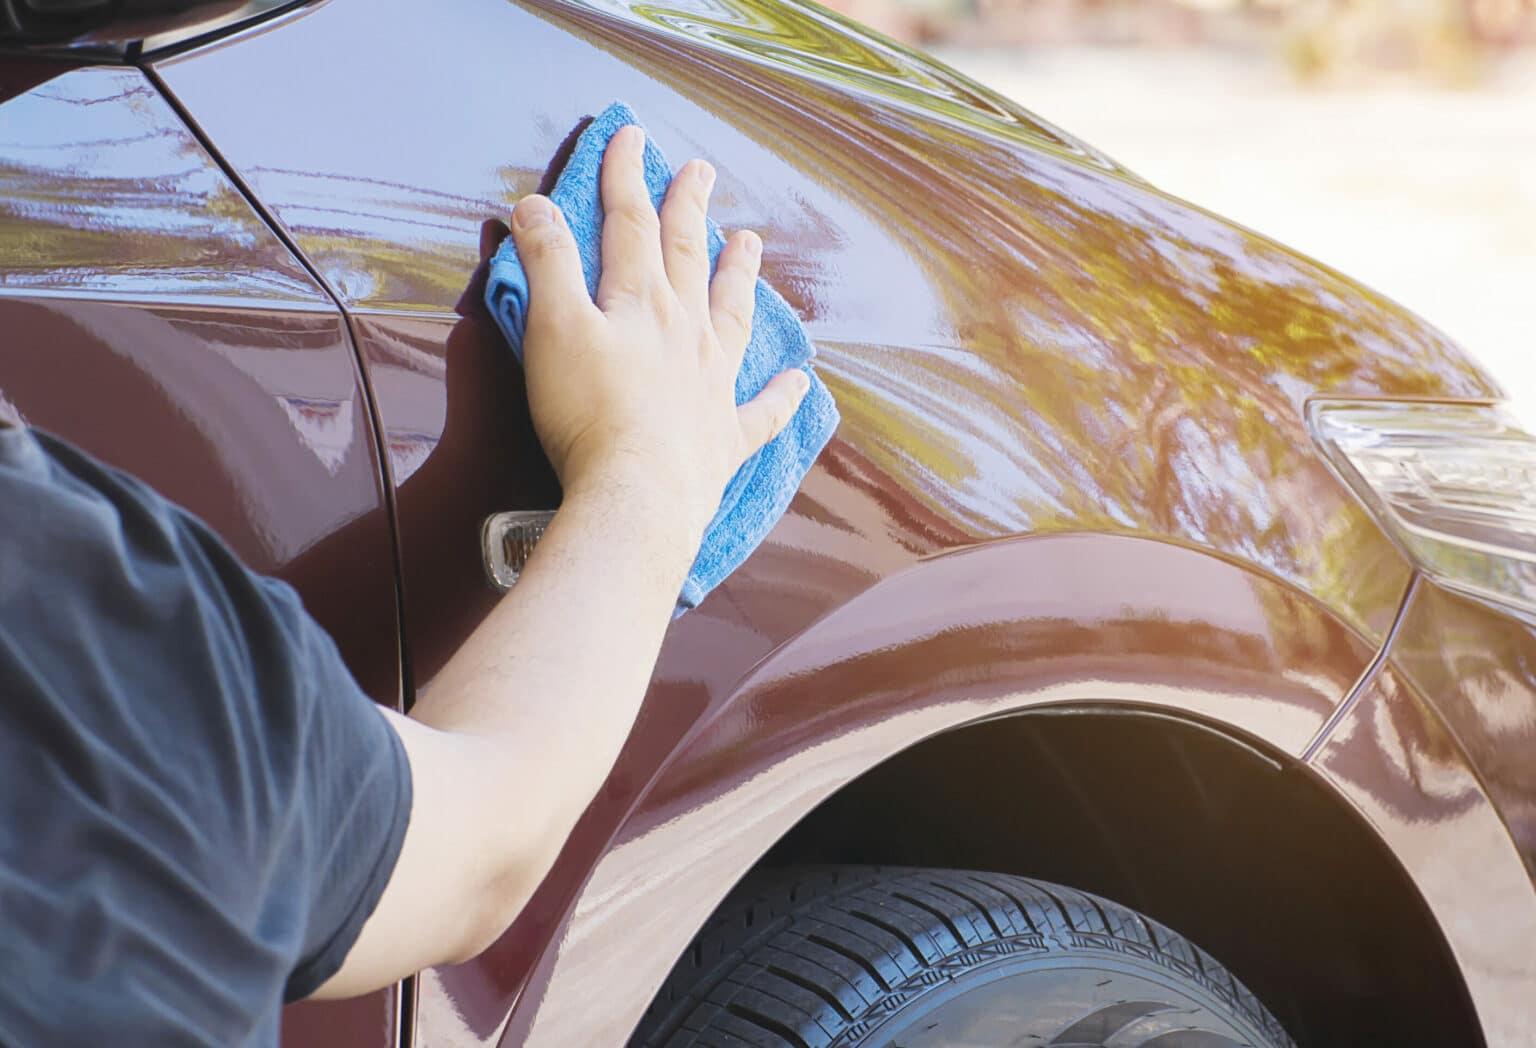 Pessoa com blusa preta segurando um pano de microfibra azul realizando a limpeza na lateral de um veículo. O carro é cor vinho e a pessoa está limpando próximo da roda direita. Imagem ilustrativa para o texto lava rápido Centro Patrocínio.